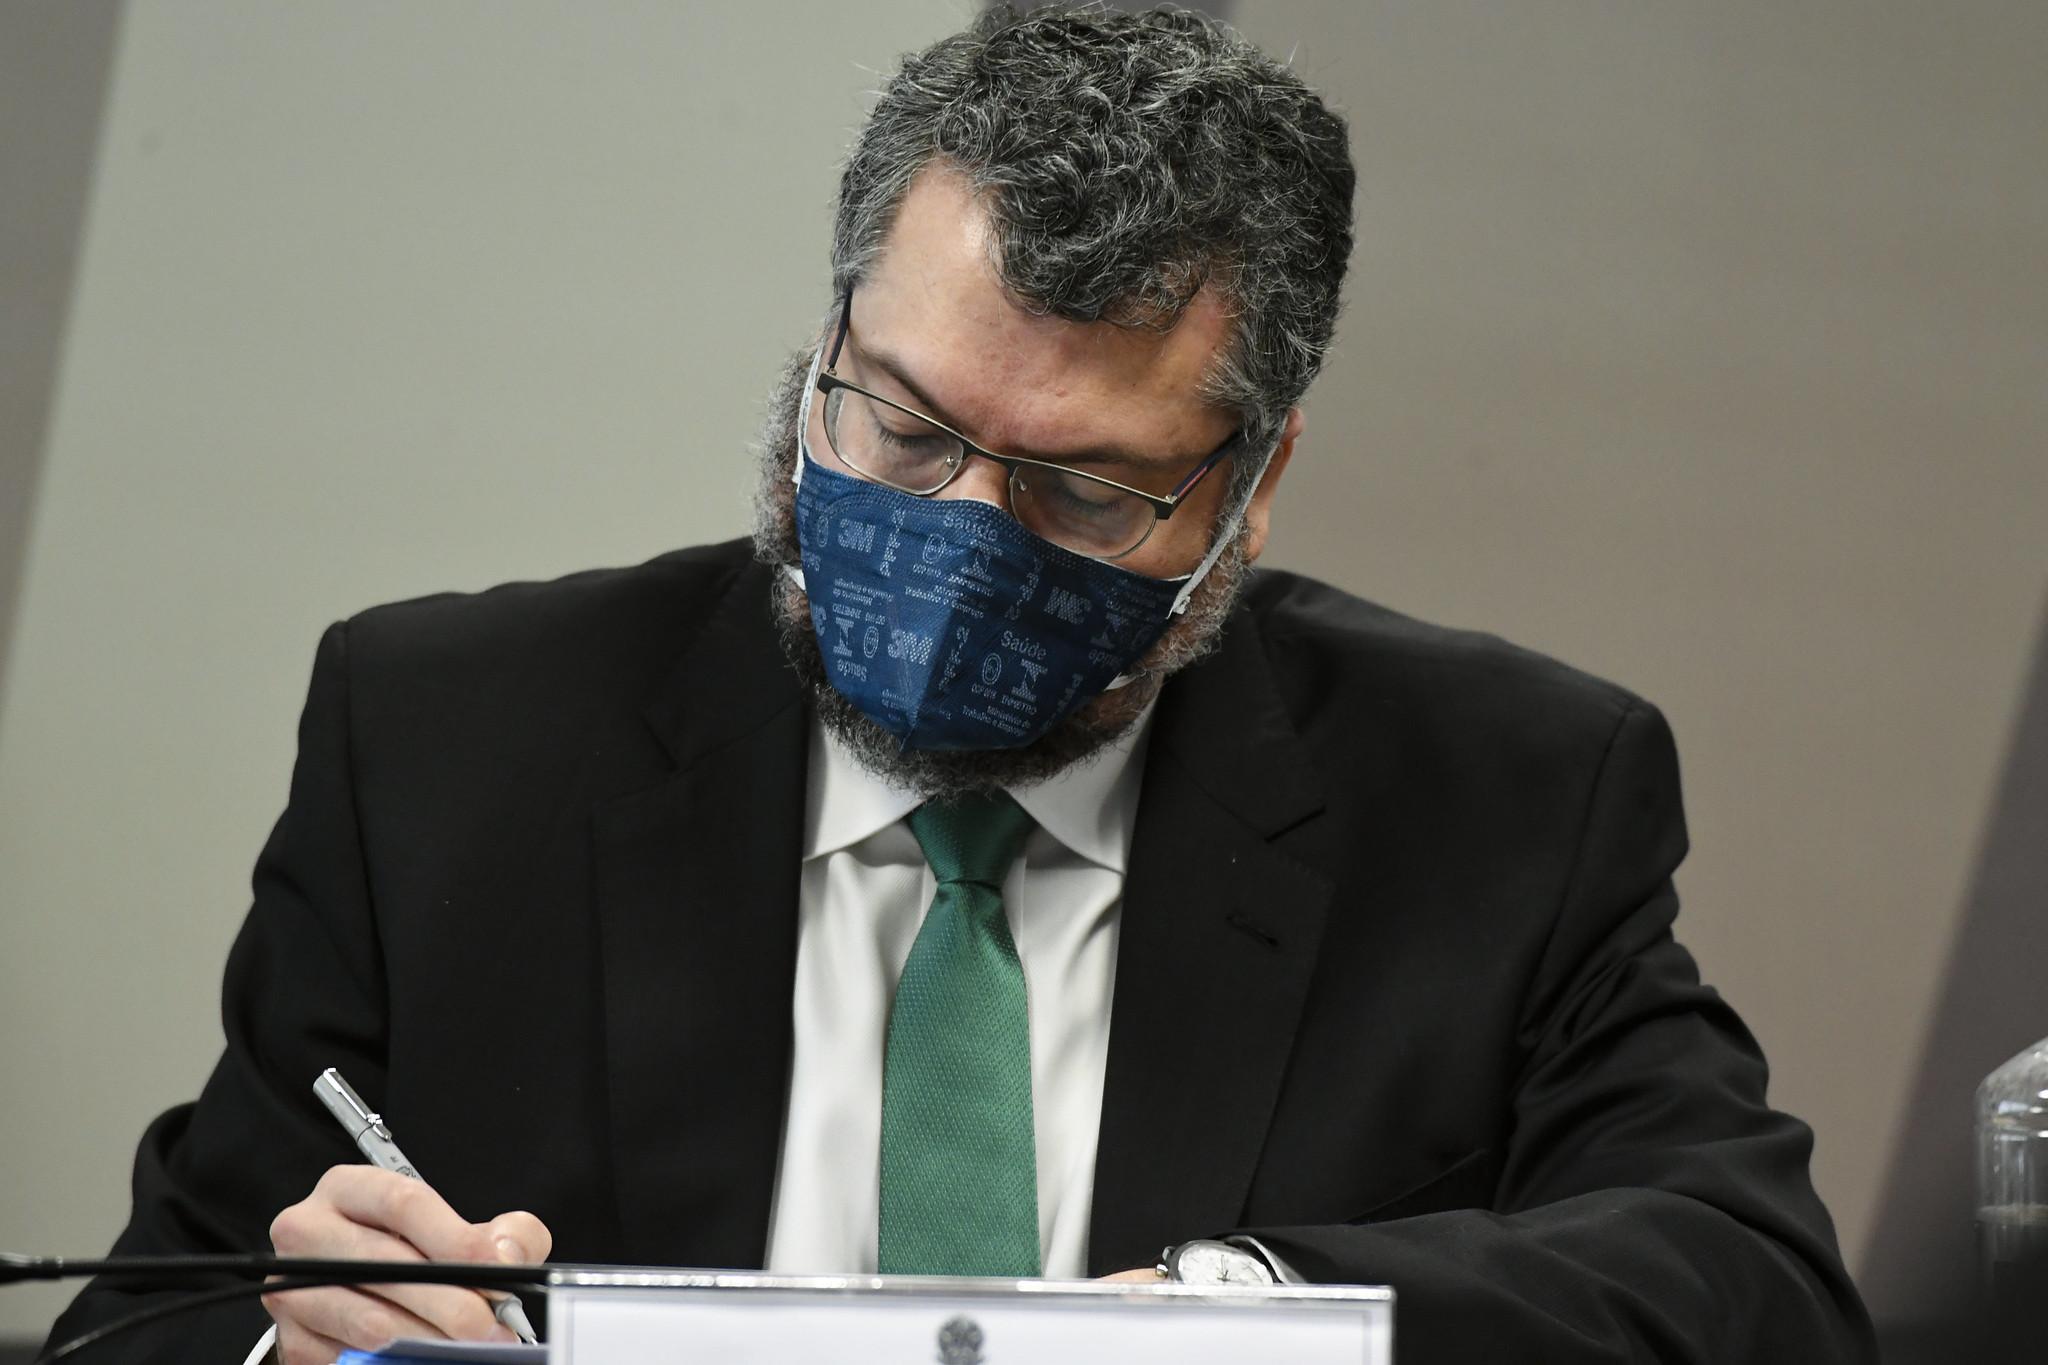 IMAGEM: 'O senhor minimizou a atuação de vândalos', diz Kátia Abreu sobre postura do Itamaraty durante invasão do Capitólio